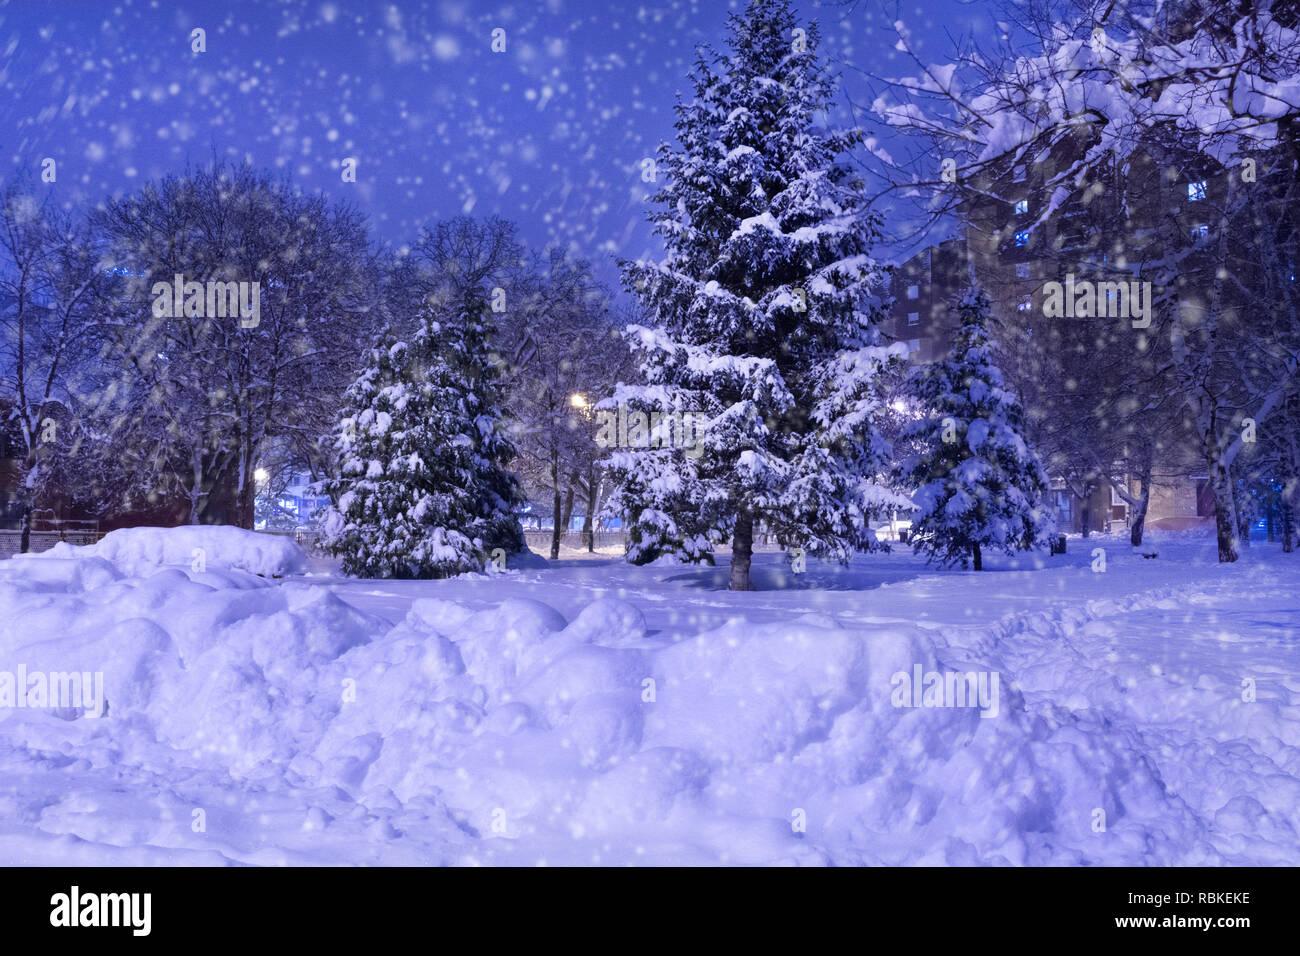 Tannenbaum Der Schneit.Winter Park In Der Nacht Mit Großen Schnee Mit Tannenbaum Abgedeckt